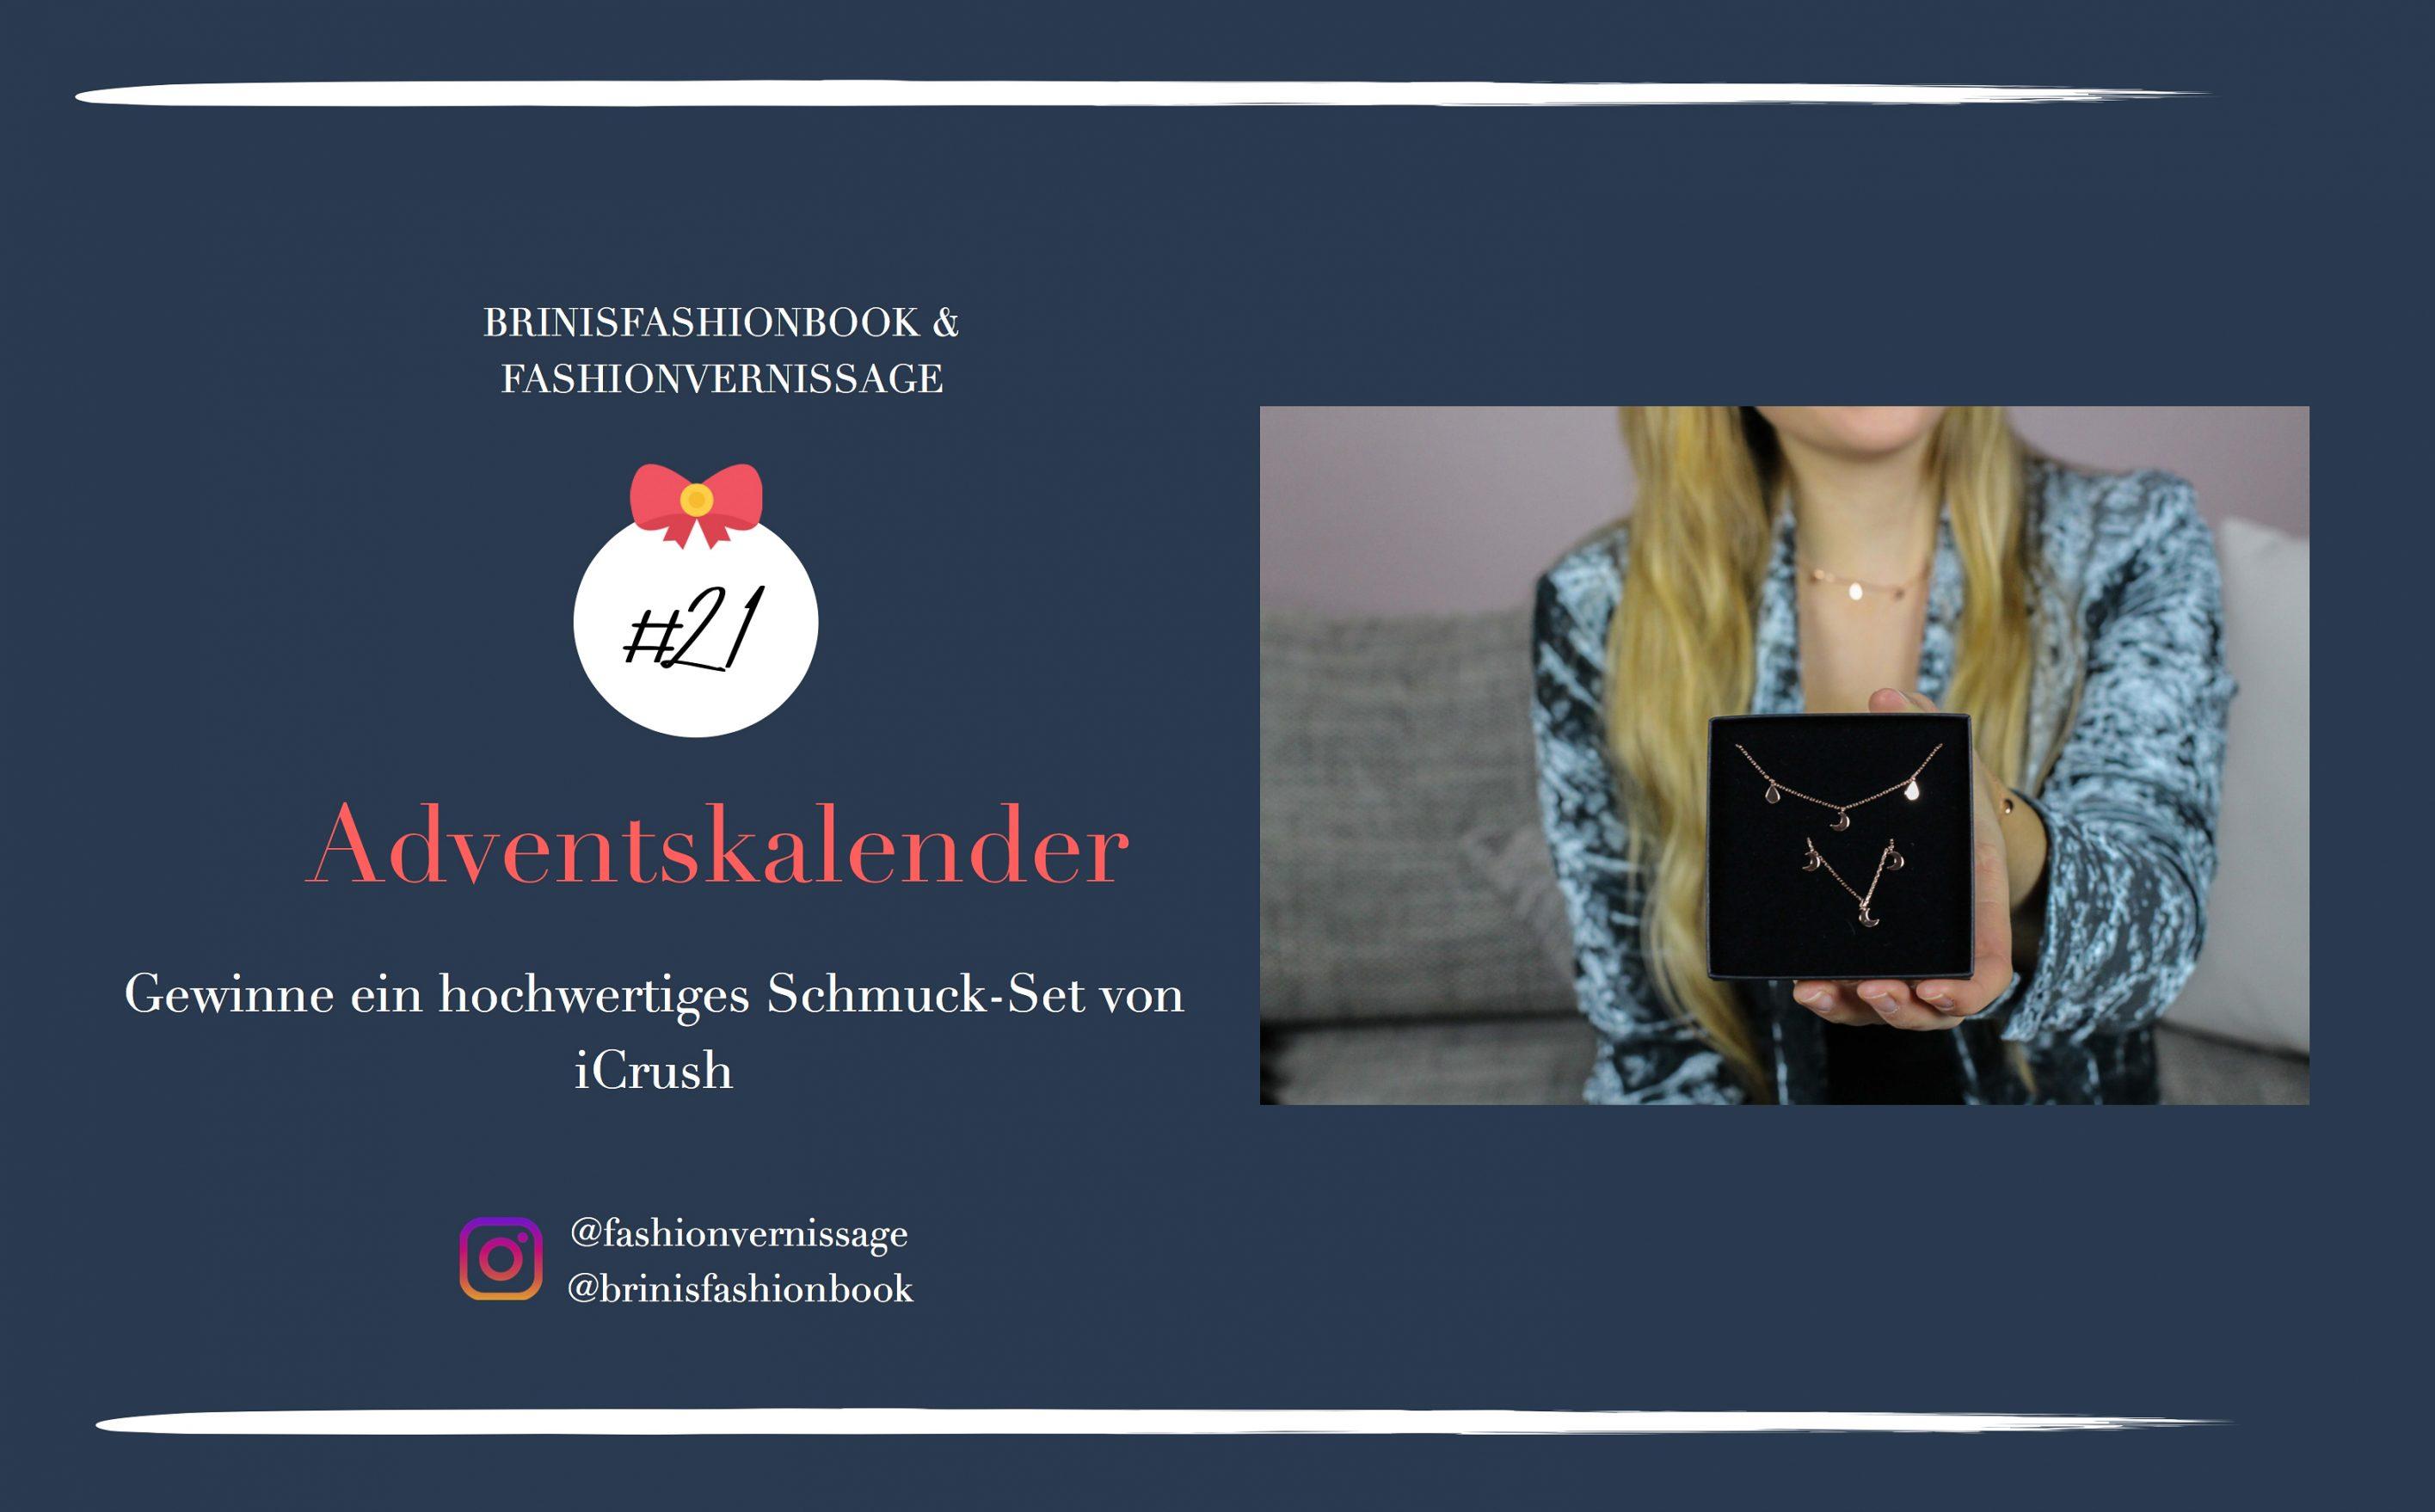 Blogger Adventskalender iCrush hochwertiges Schmuckset rosegold Spread the love filligrane Kette Mond Tropfen iCrush Brinisfashionbook 7